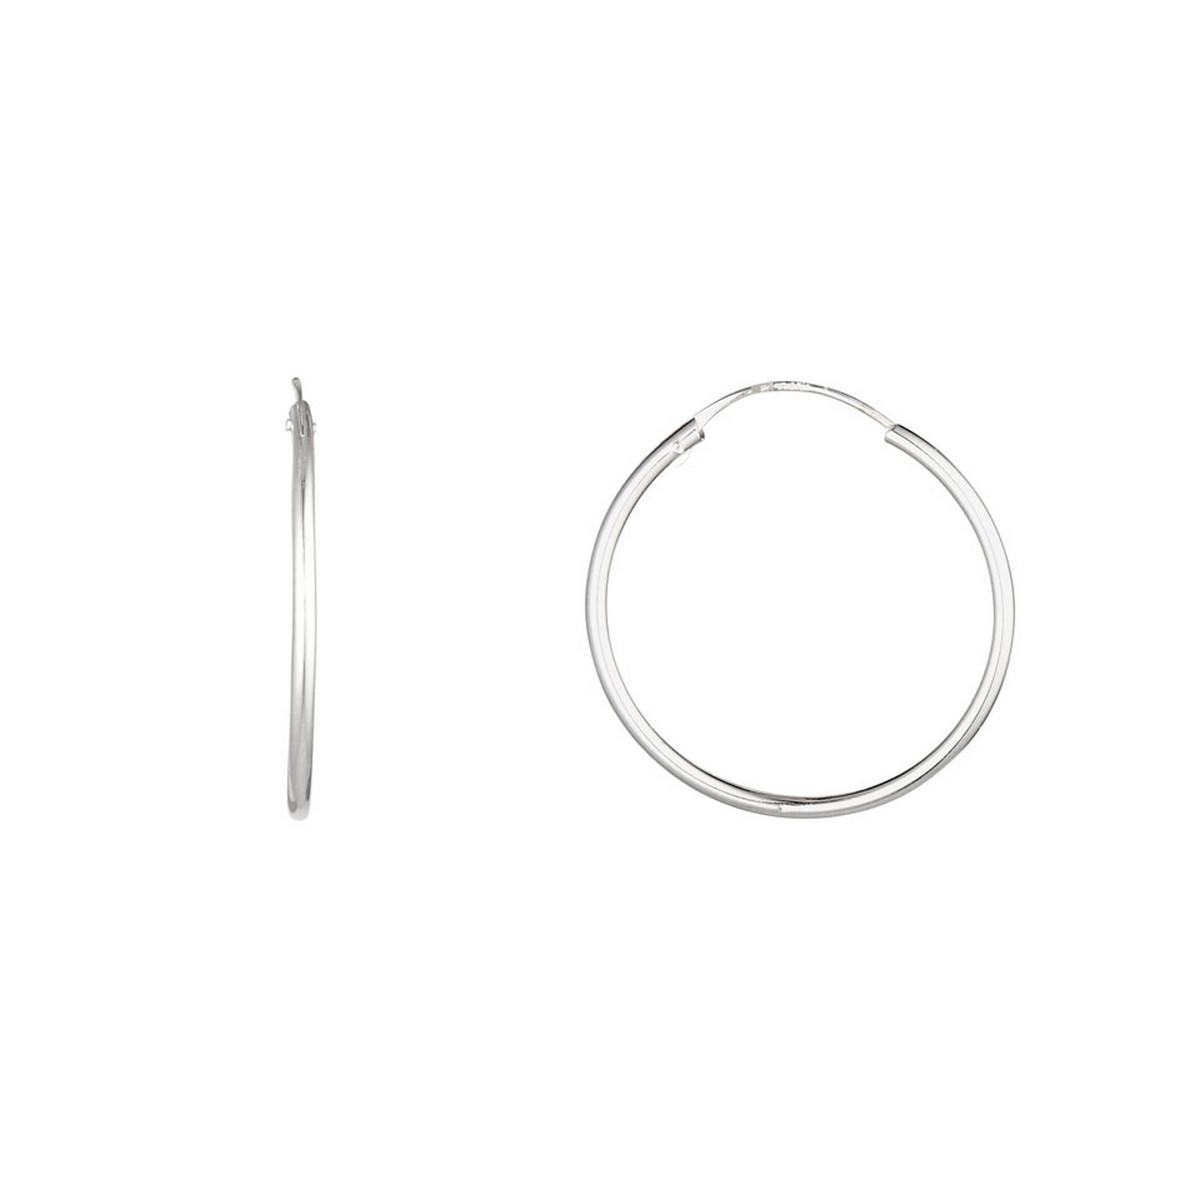 Boucles d'oreilles Or Blanc 375/1000